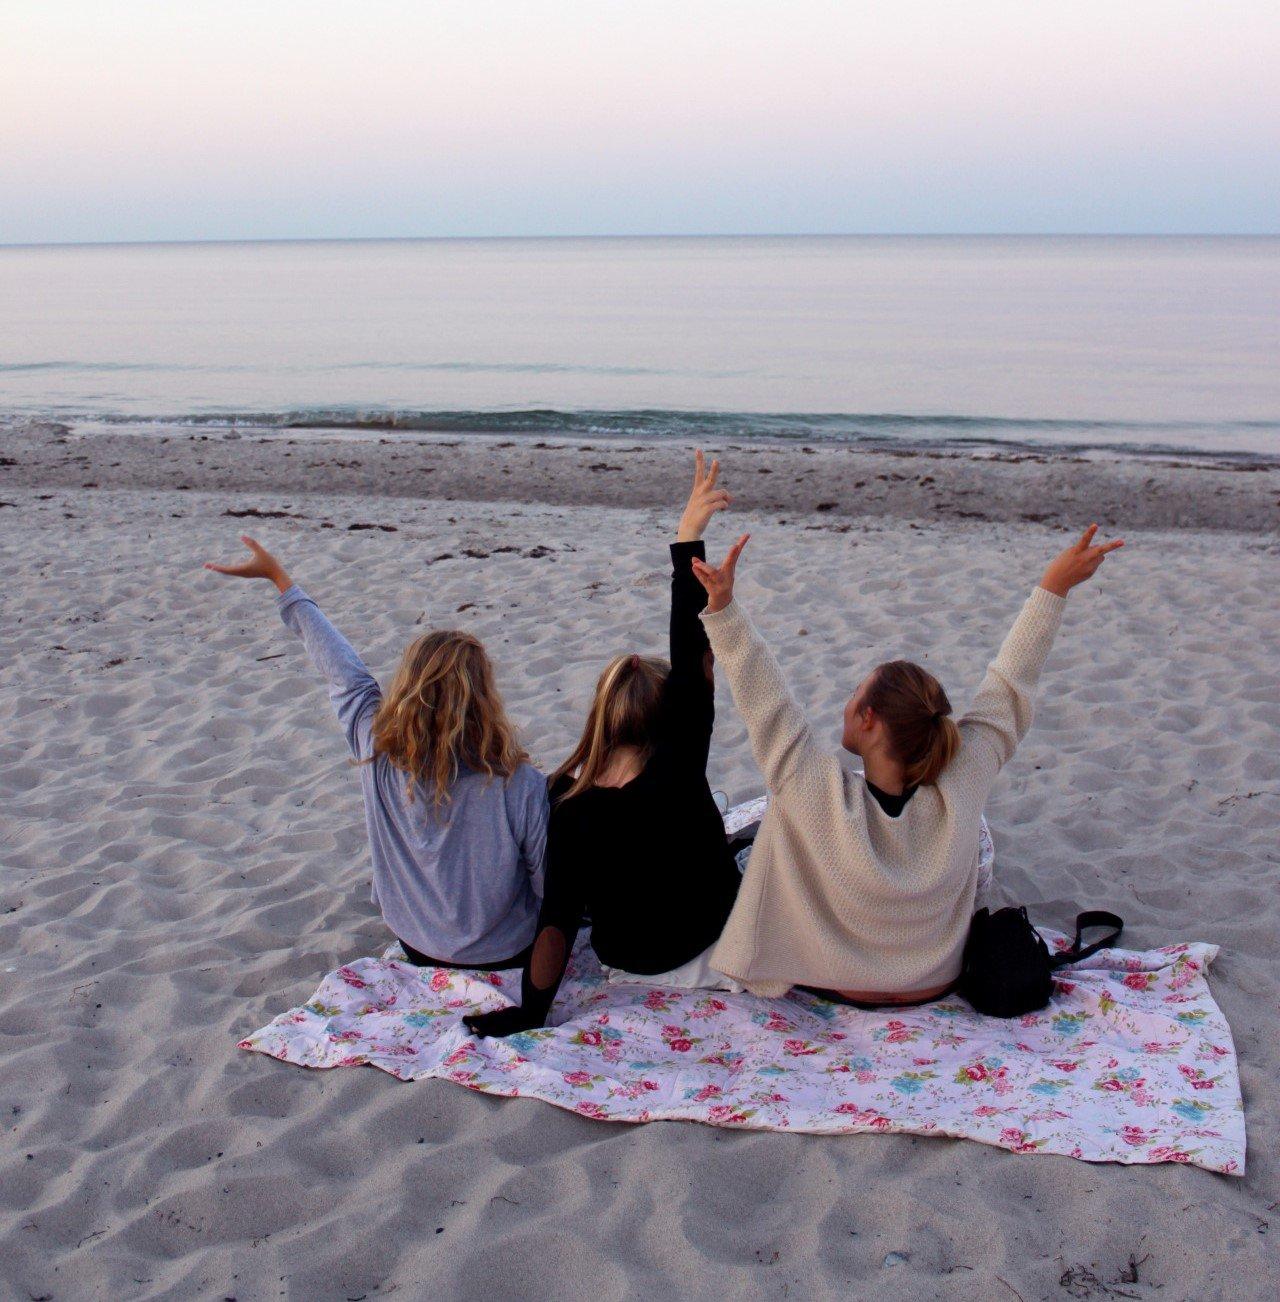 Paseando por la playa nudista de miami - 2 2